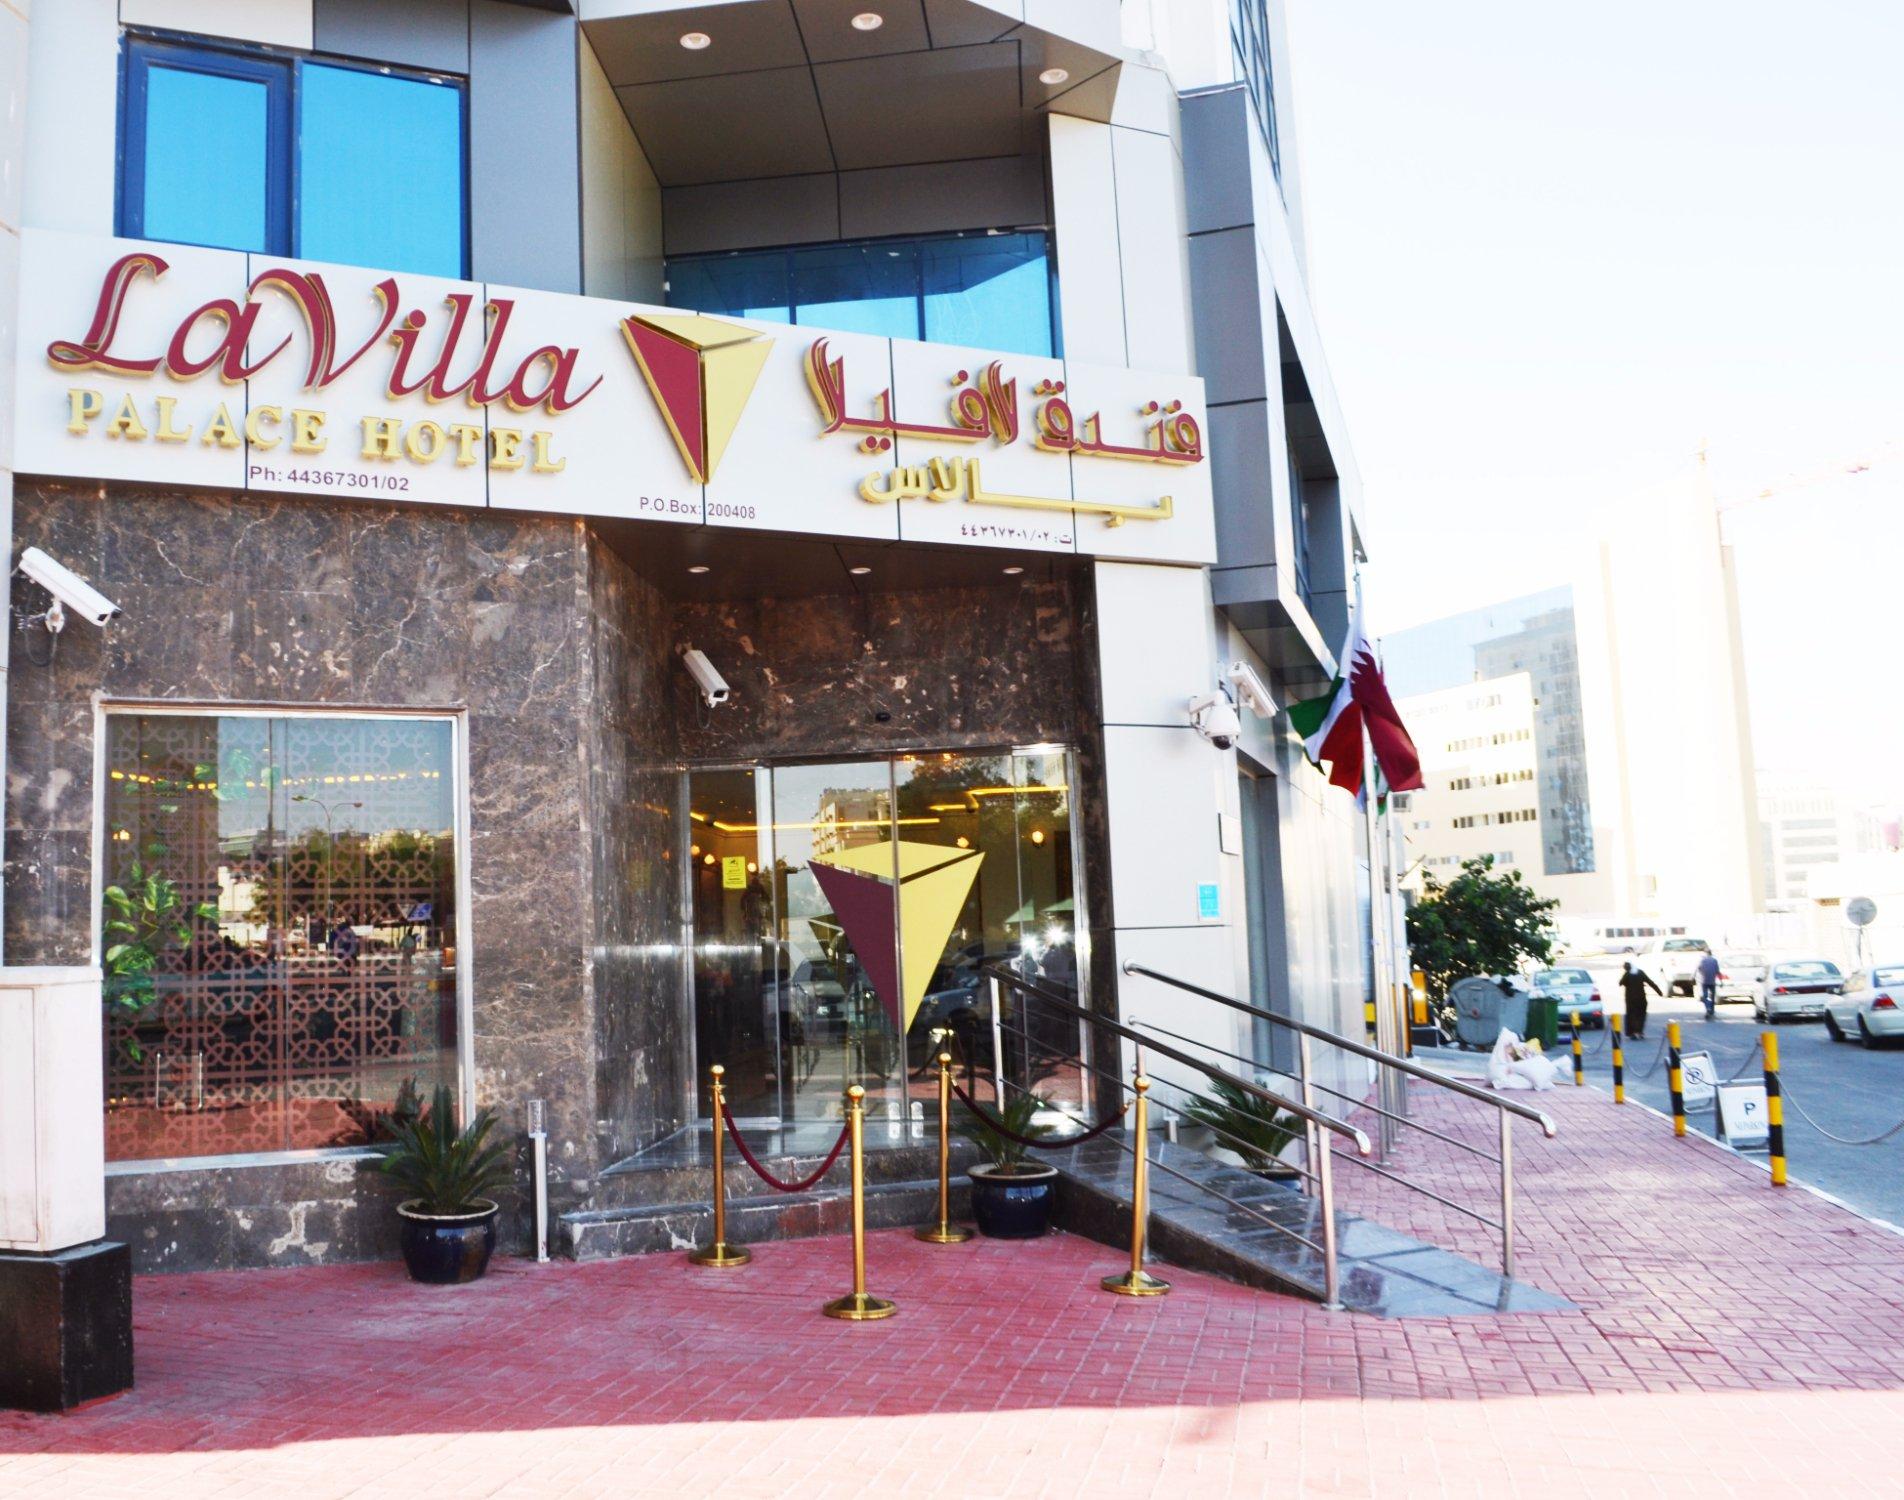 ラ ヴィラ パレス ホテル